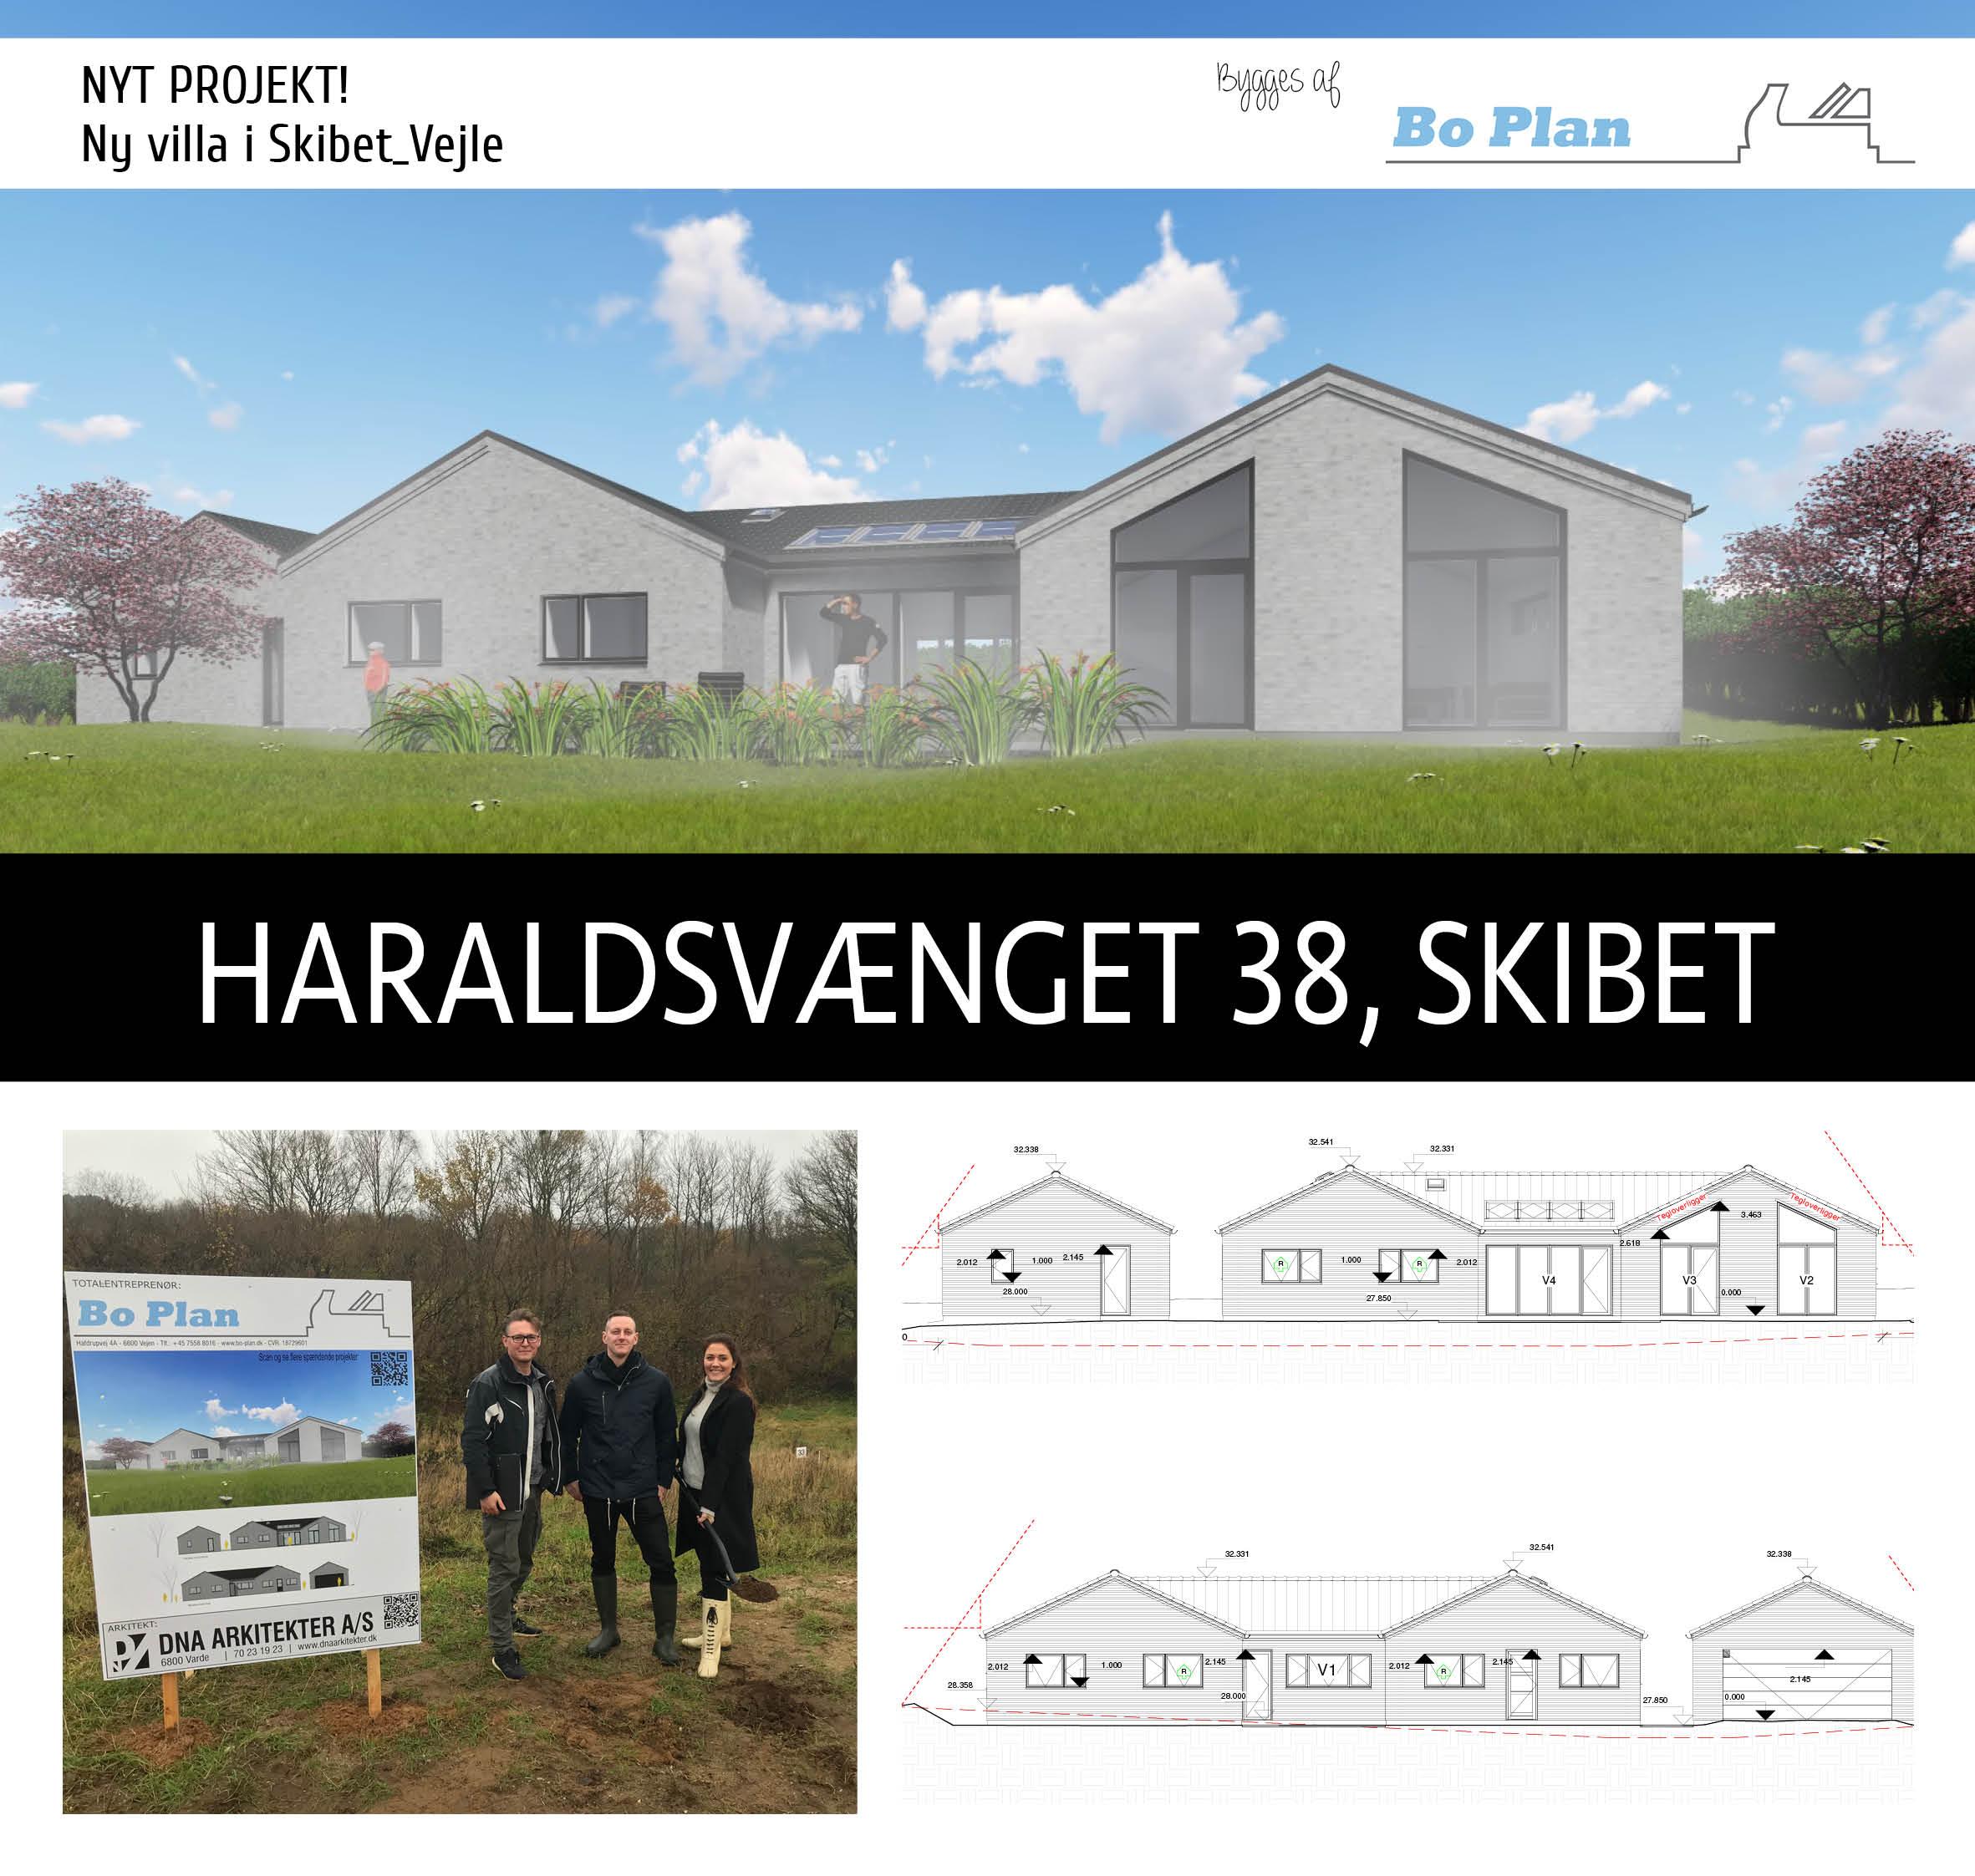 Haraldsvænget_Skibet_opstart_nov20172